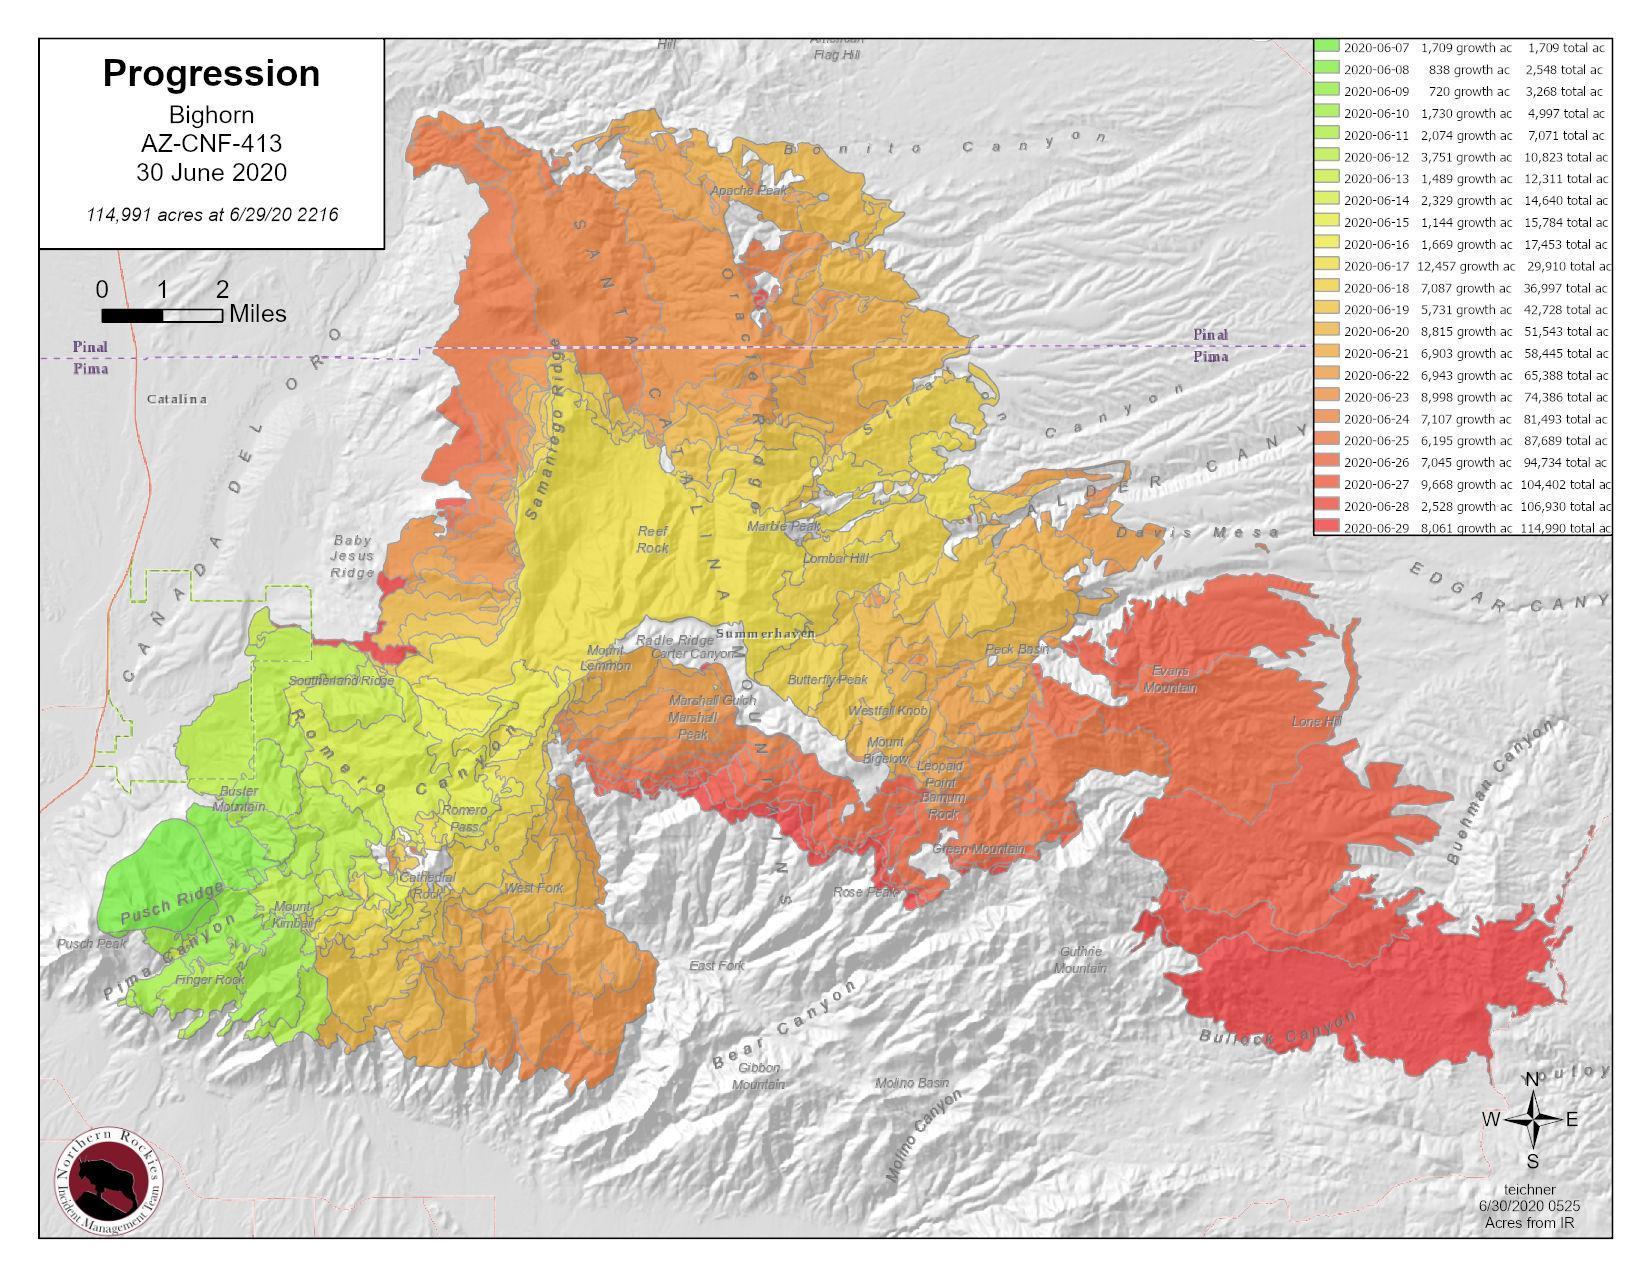 Bighorn Fire Map 6-30-20